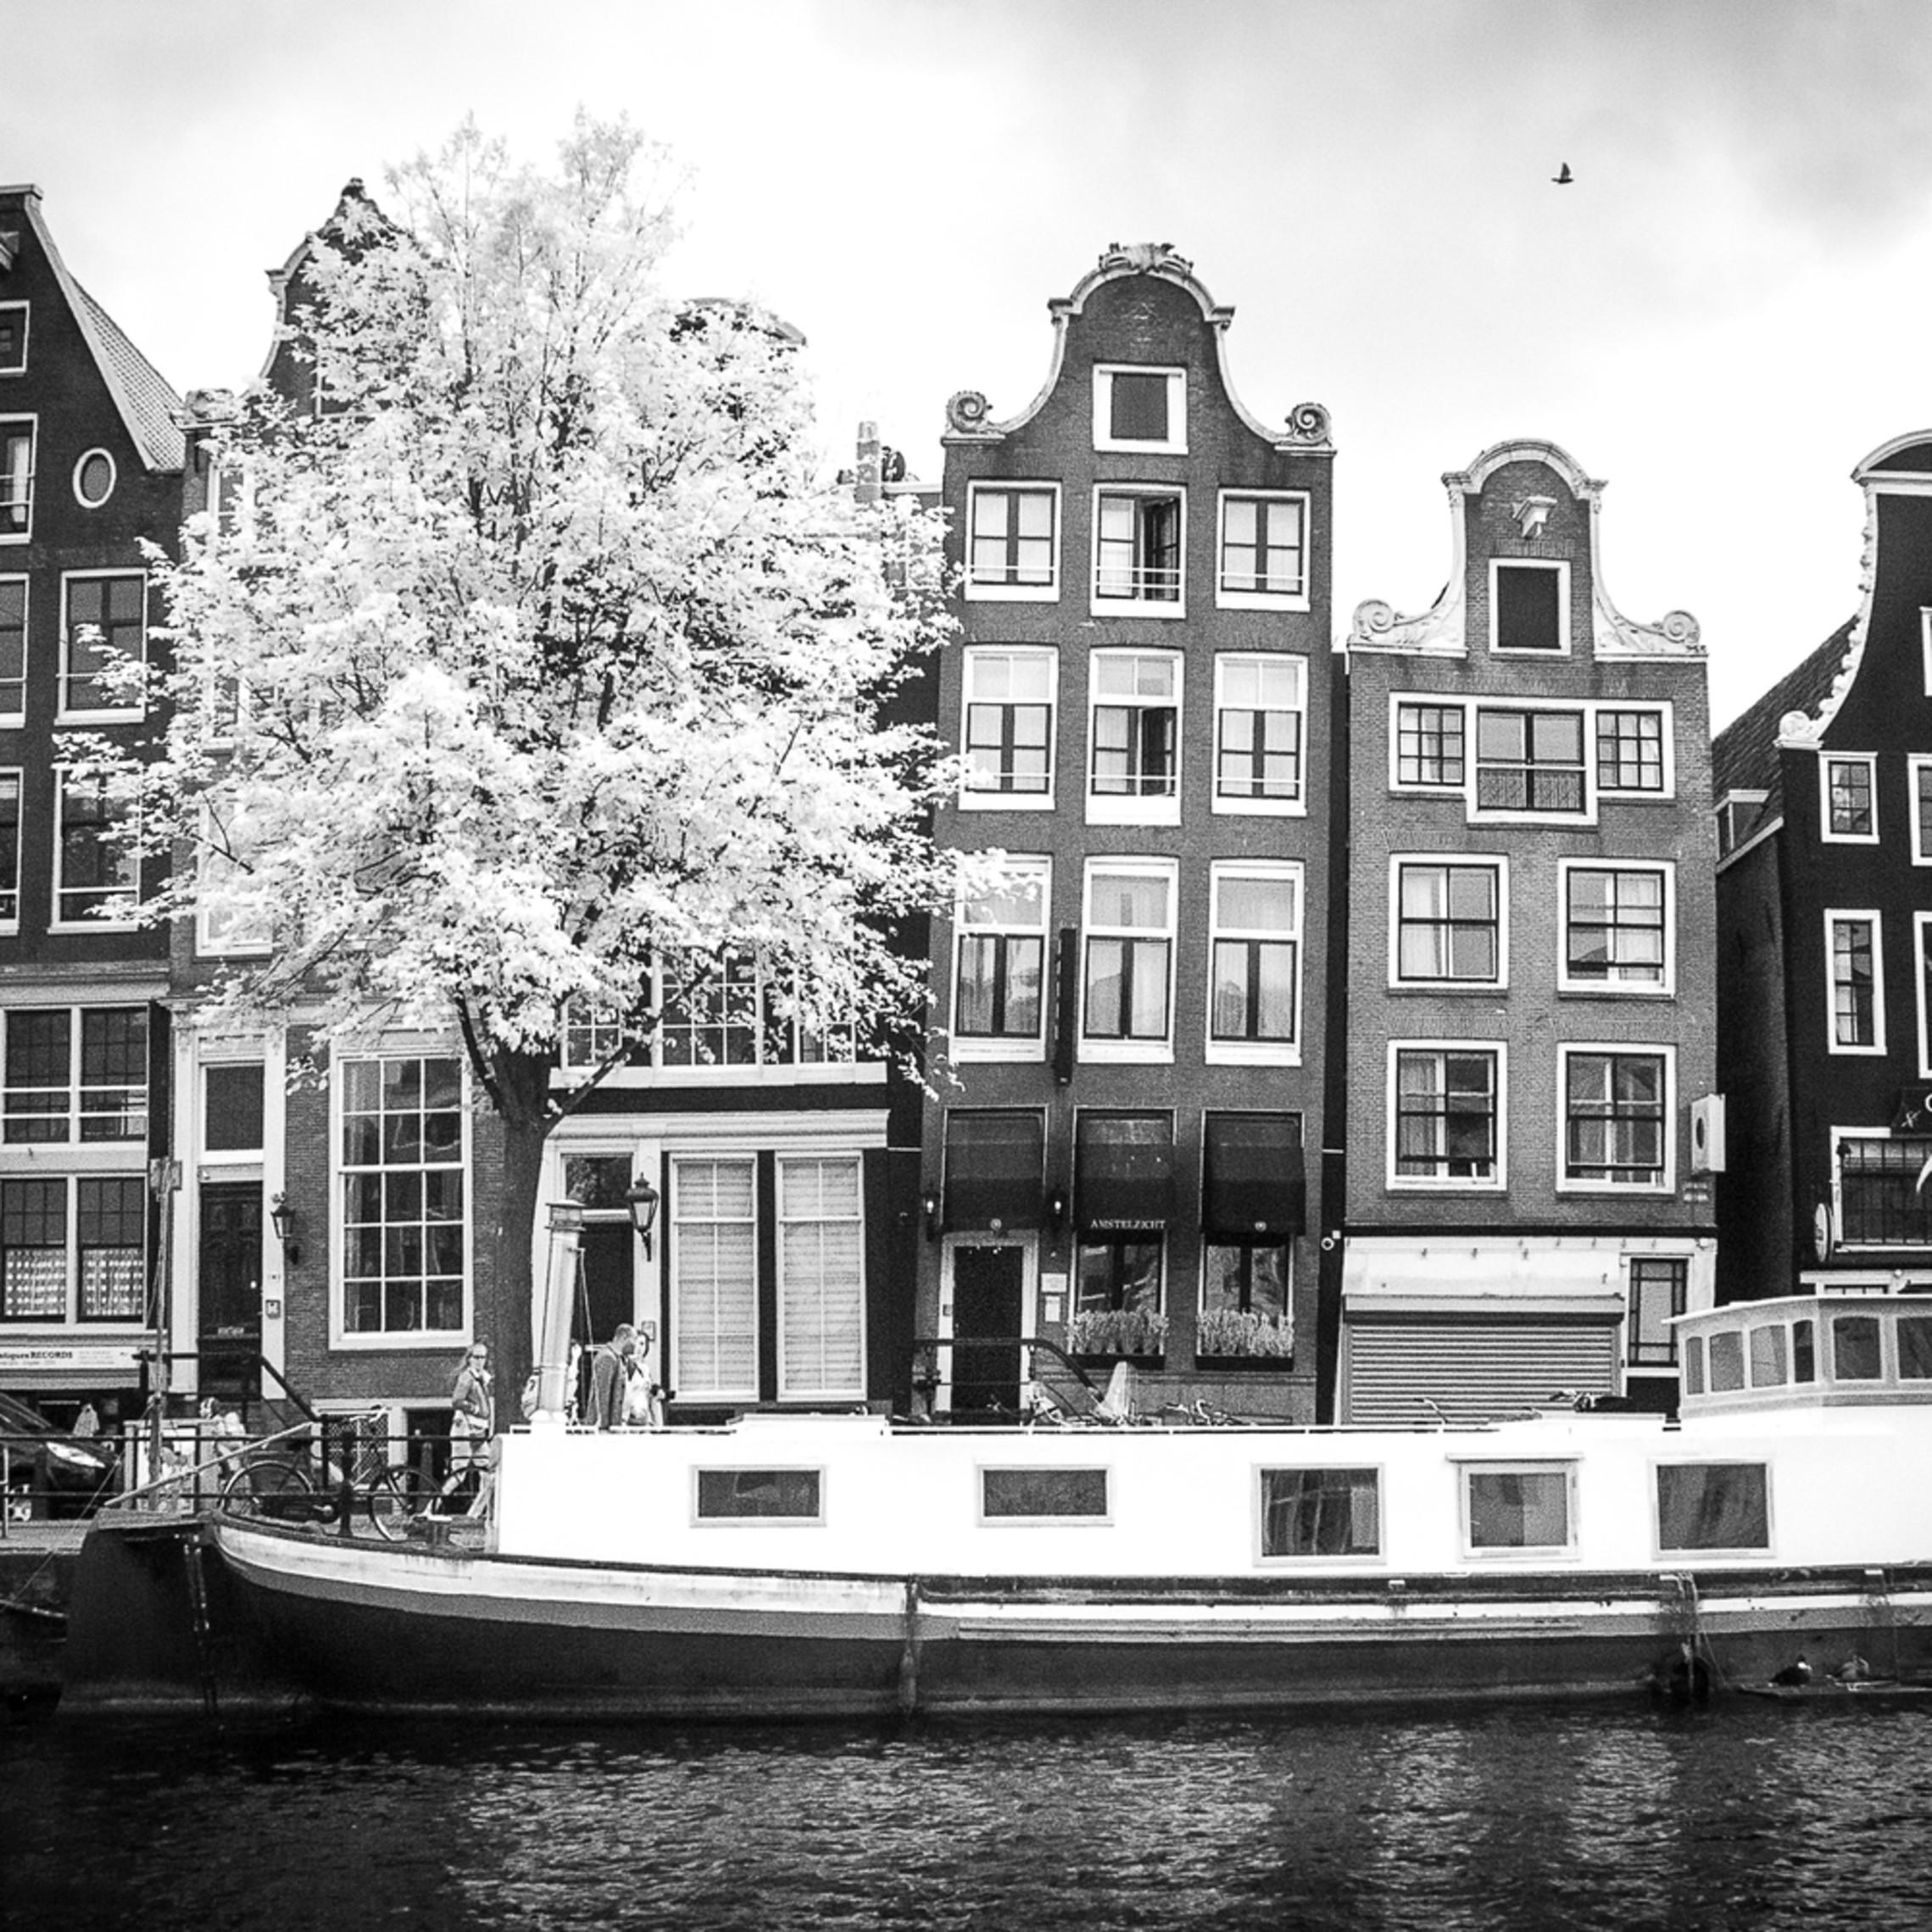 Dancing houses amsterdam udjxa6